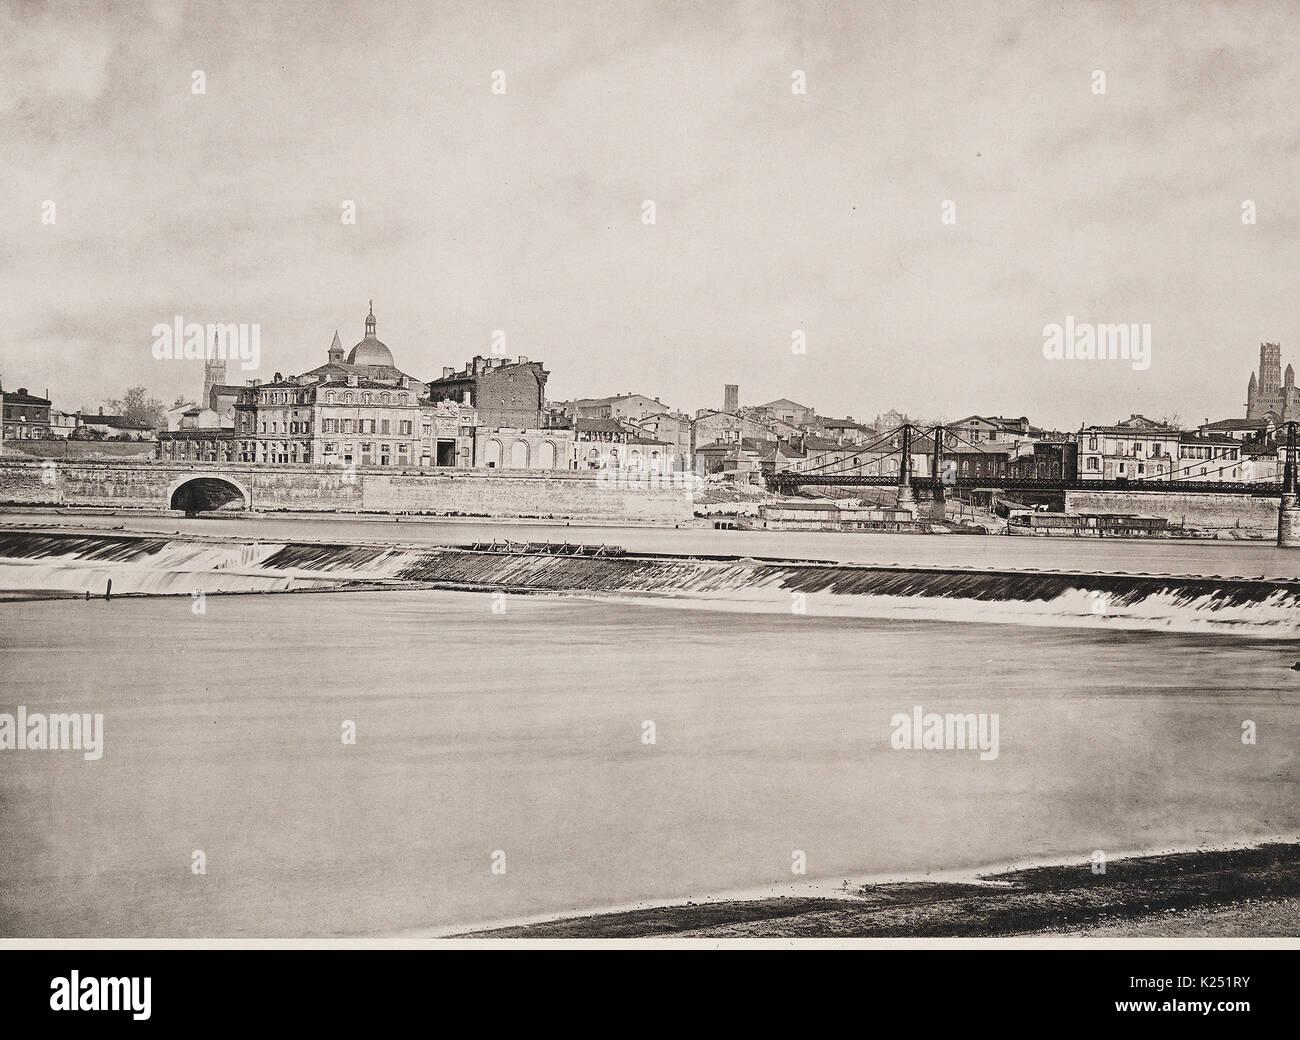 Prise d'Eau du Canal Lateral a la Garonne - Les Travaux Publics de la France, 1883 - Stock Image